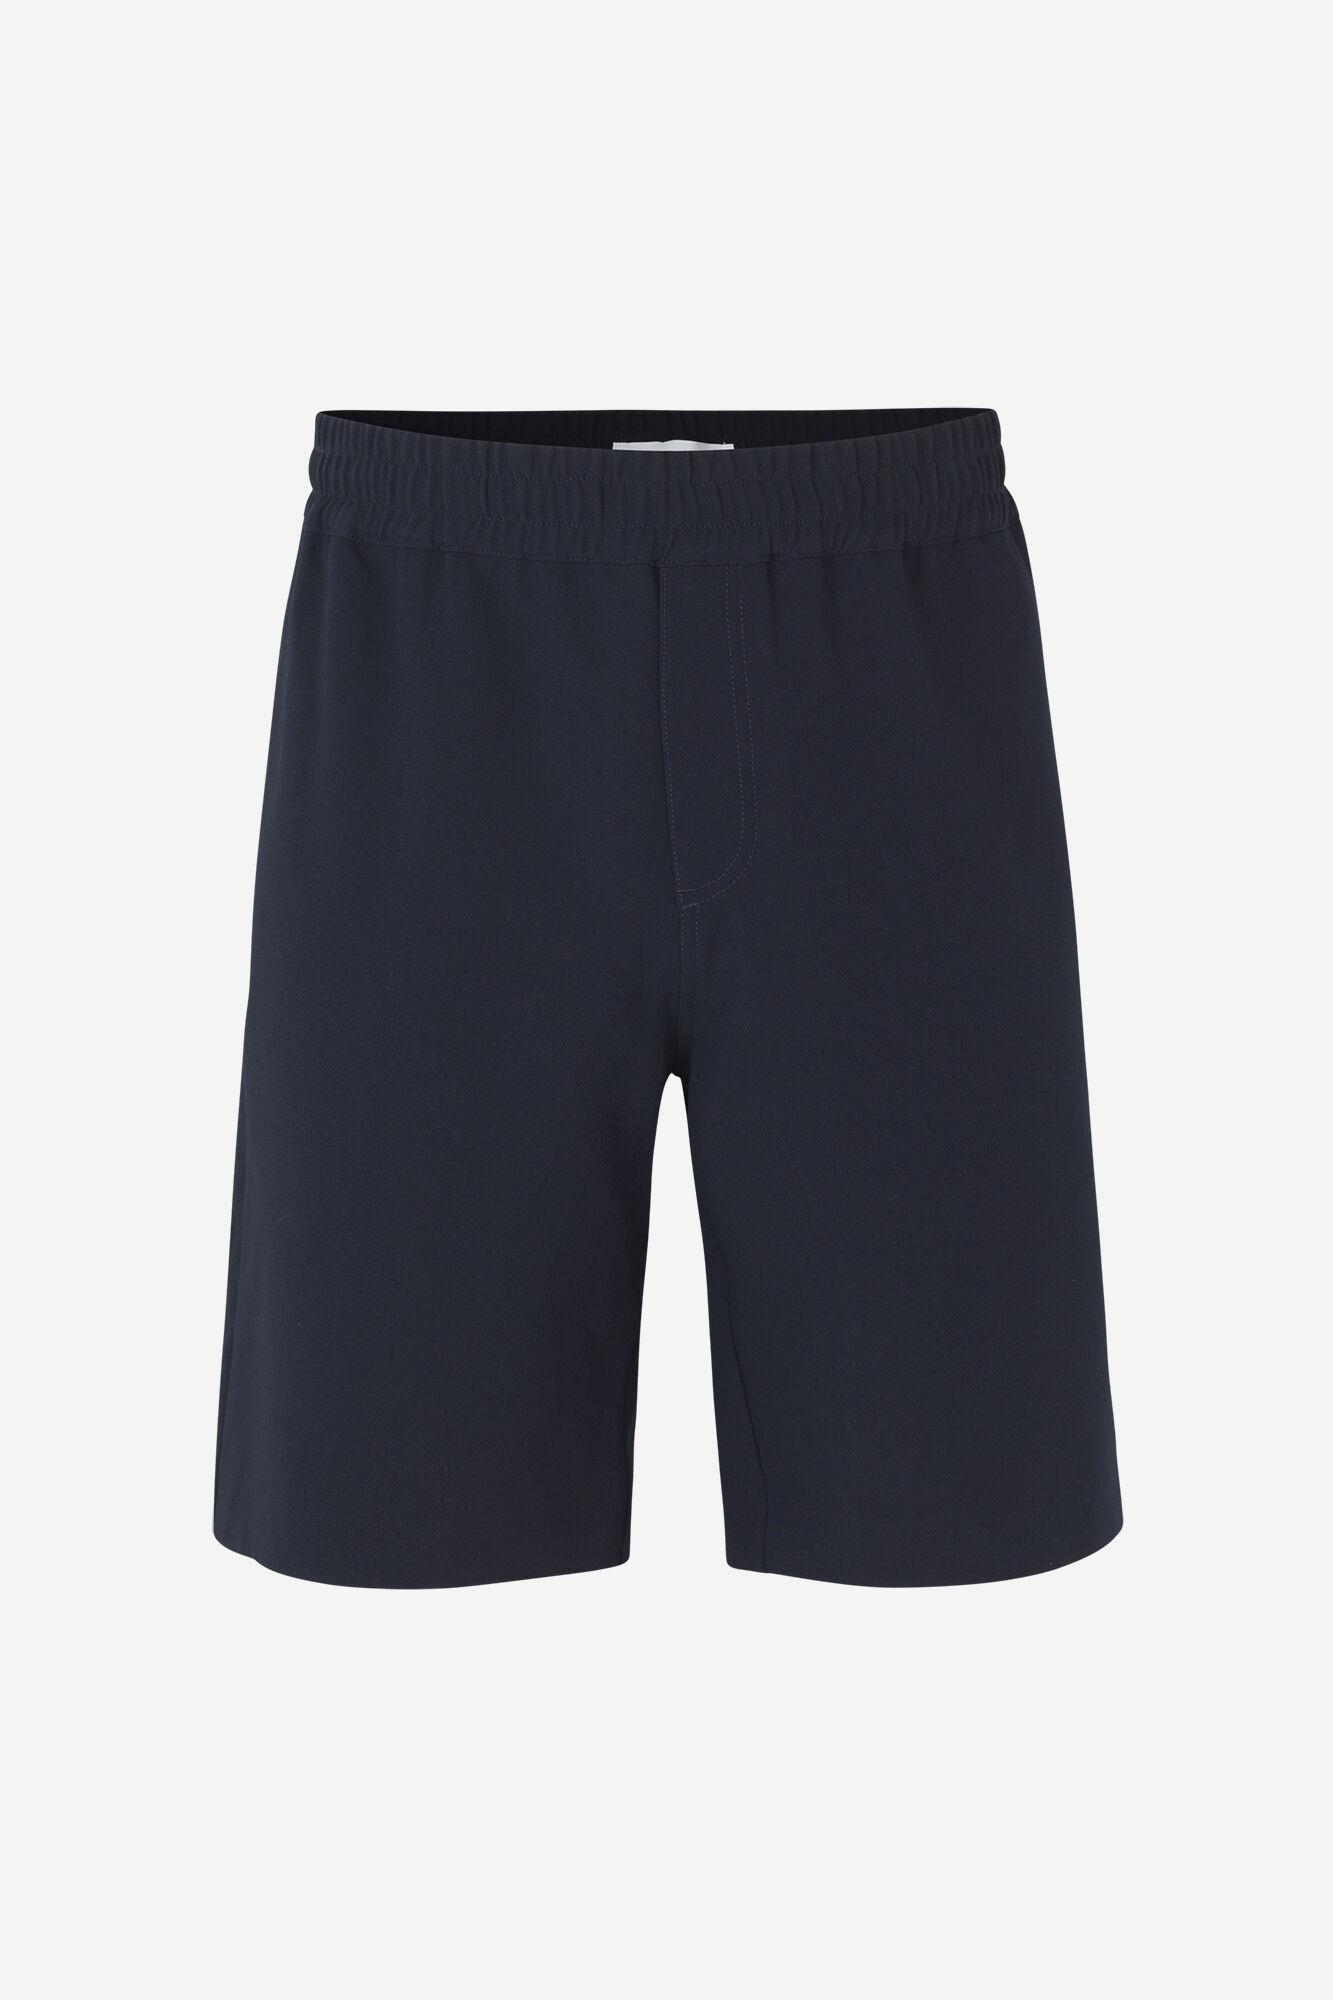 Smith Shorts Night Sky Blue-1